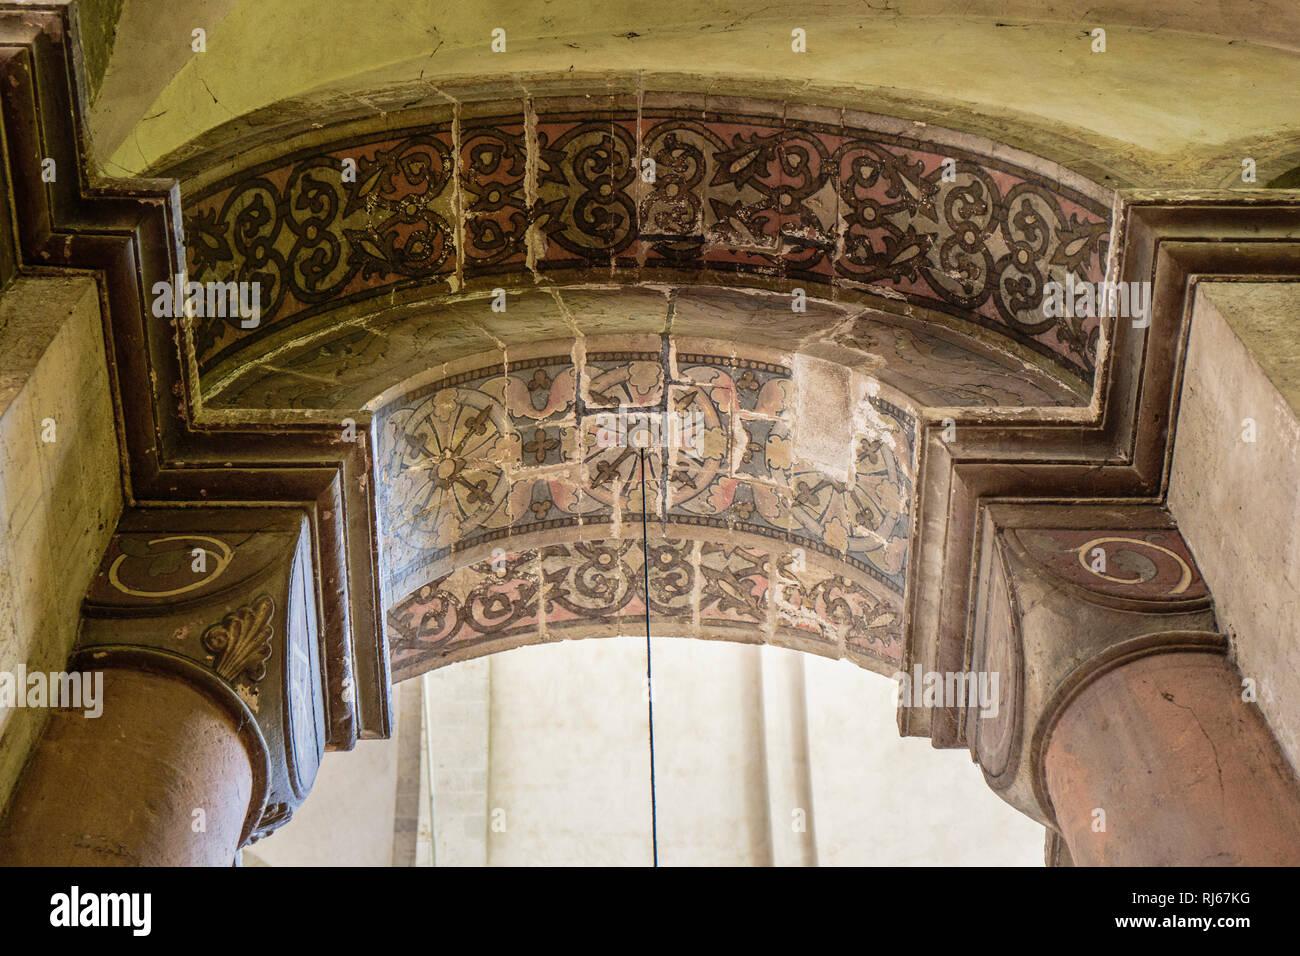 Europa, Deutschland, Nordrhein-Westfalen, Köln, Überreste der romanischen Wandbemalung in Groß St.Martin - Stock Image